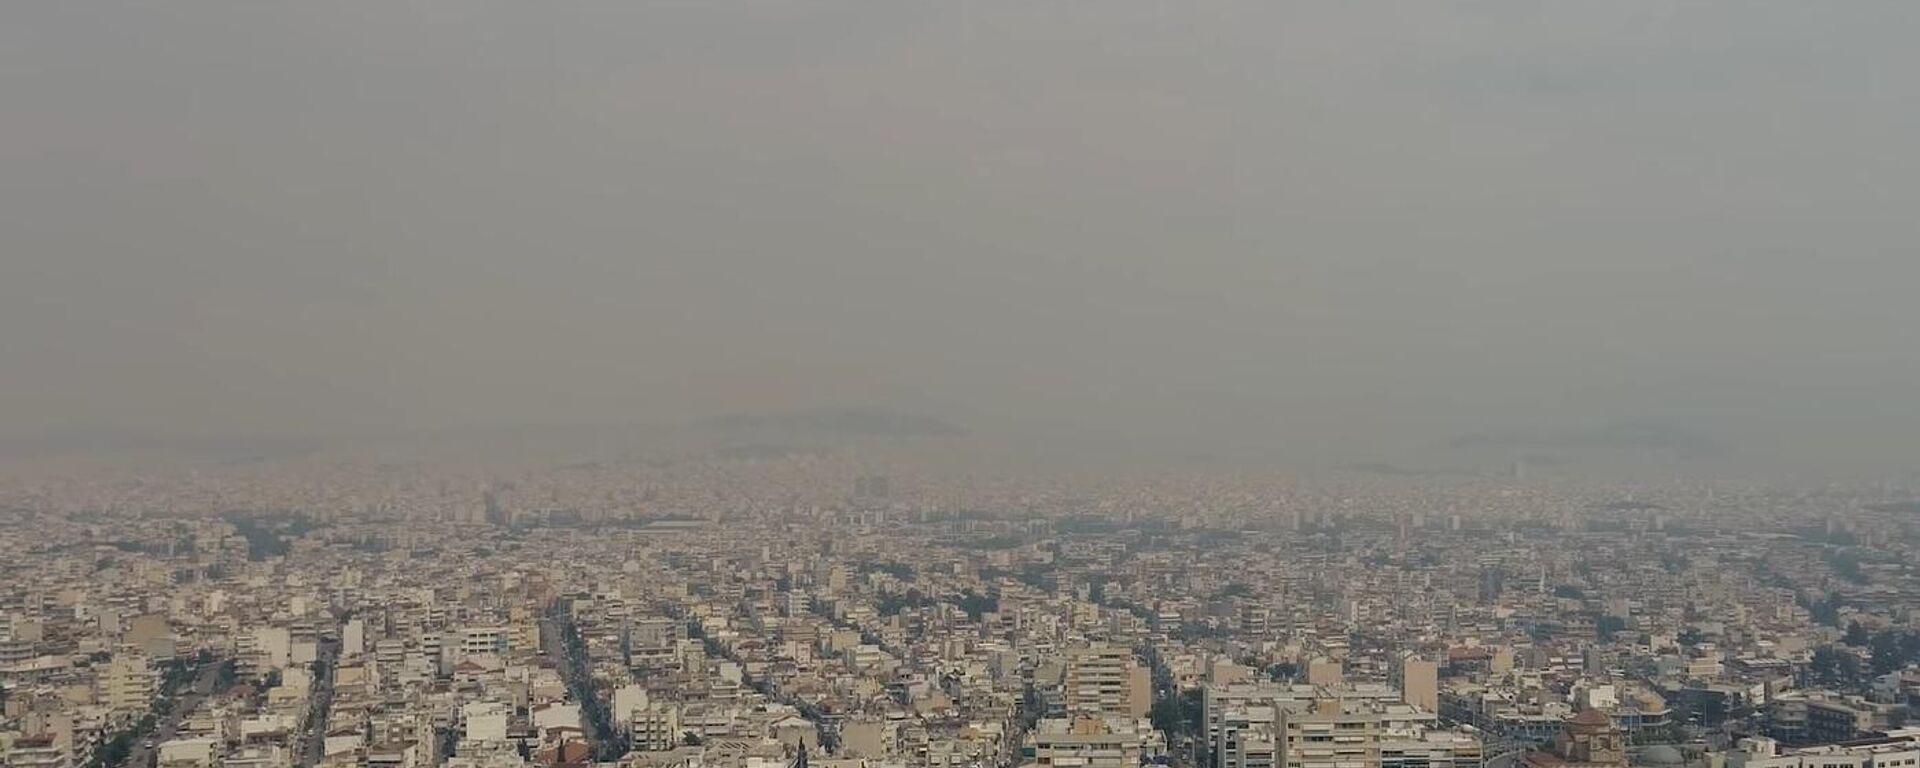 Αθήνα καπνός - Sputnik Ελλάδα, 1920, 06.08.2021